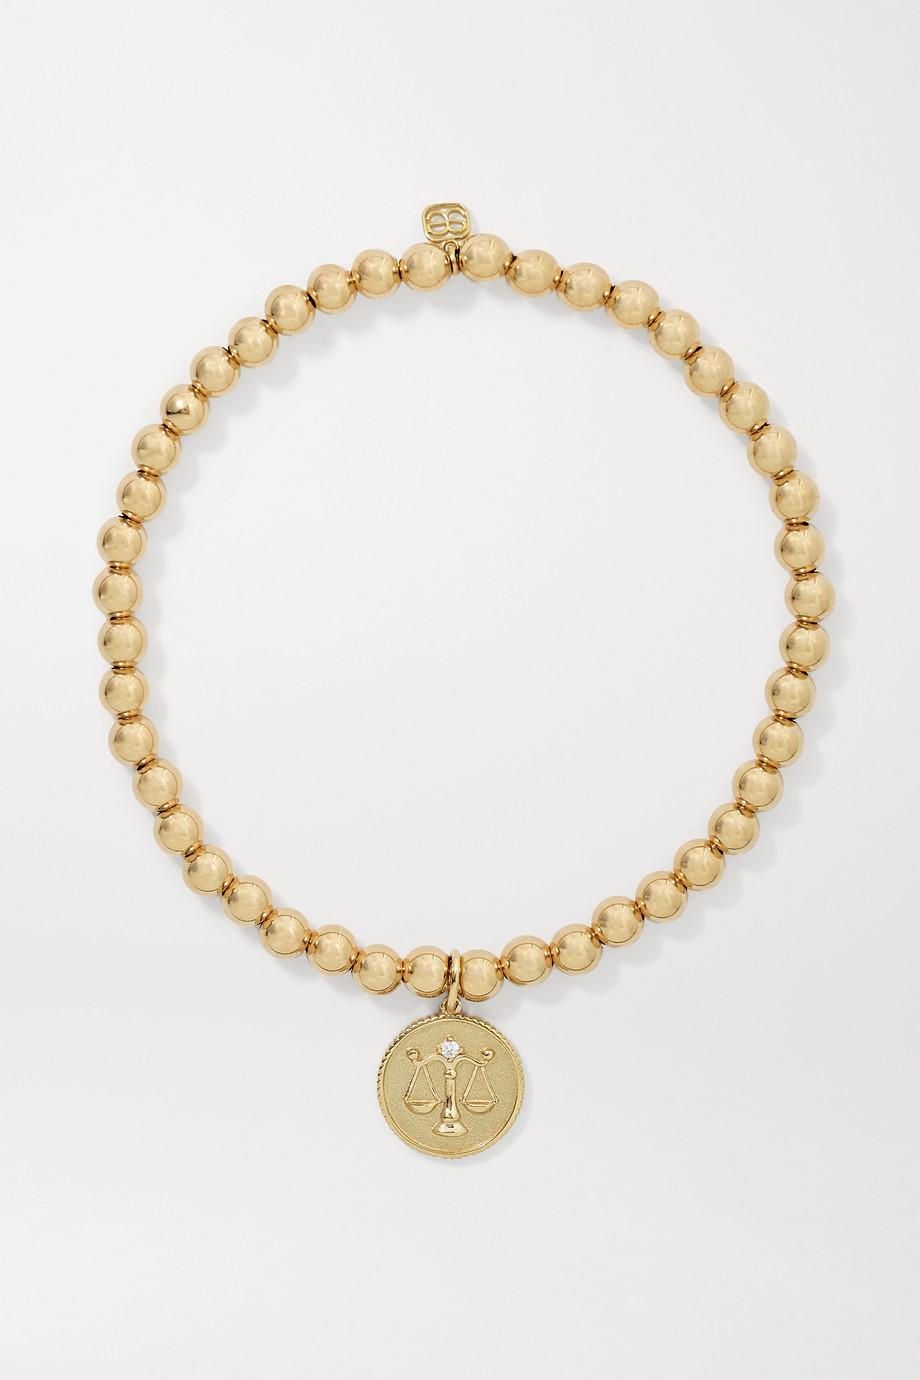 Sydney Evan Libra 14-karat gold diamond bracelet